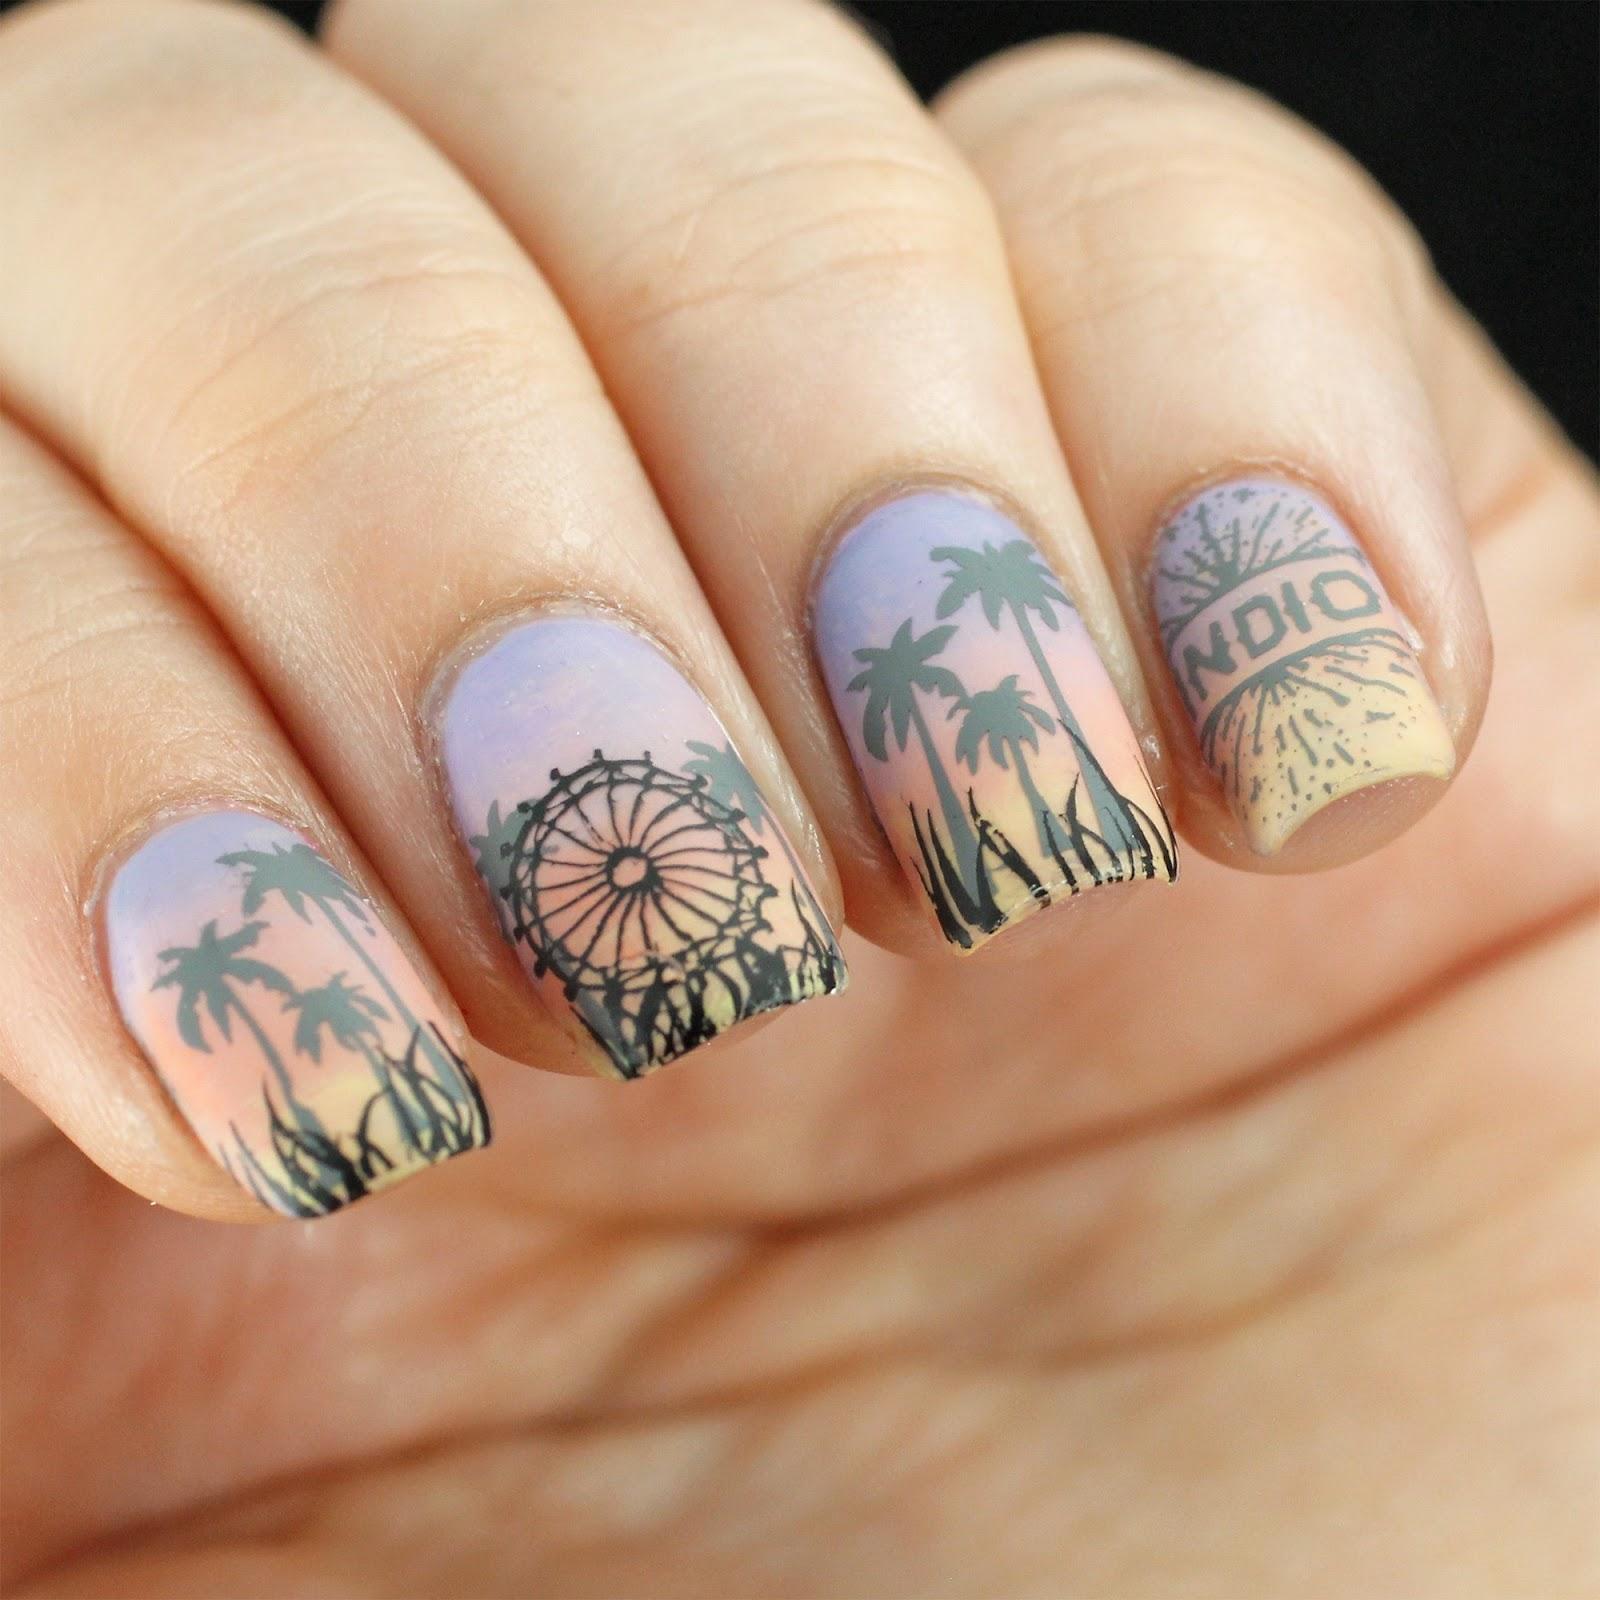 Coachella Nail Art: Copycat Claws: The Digit-al Dozen Does Gradient+: Fan